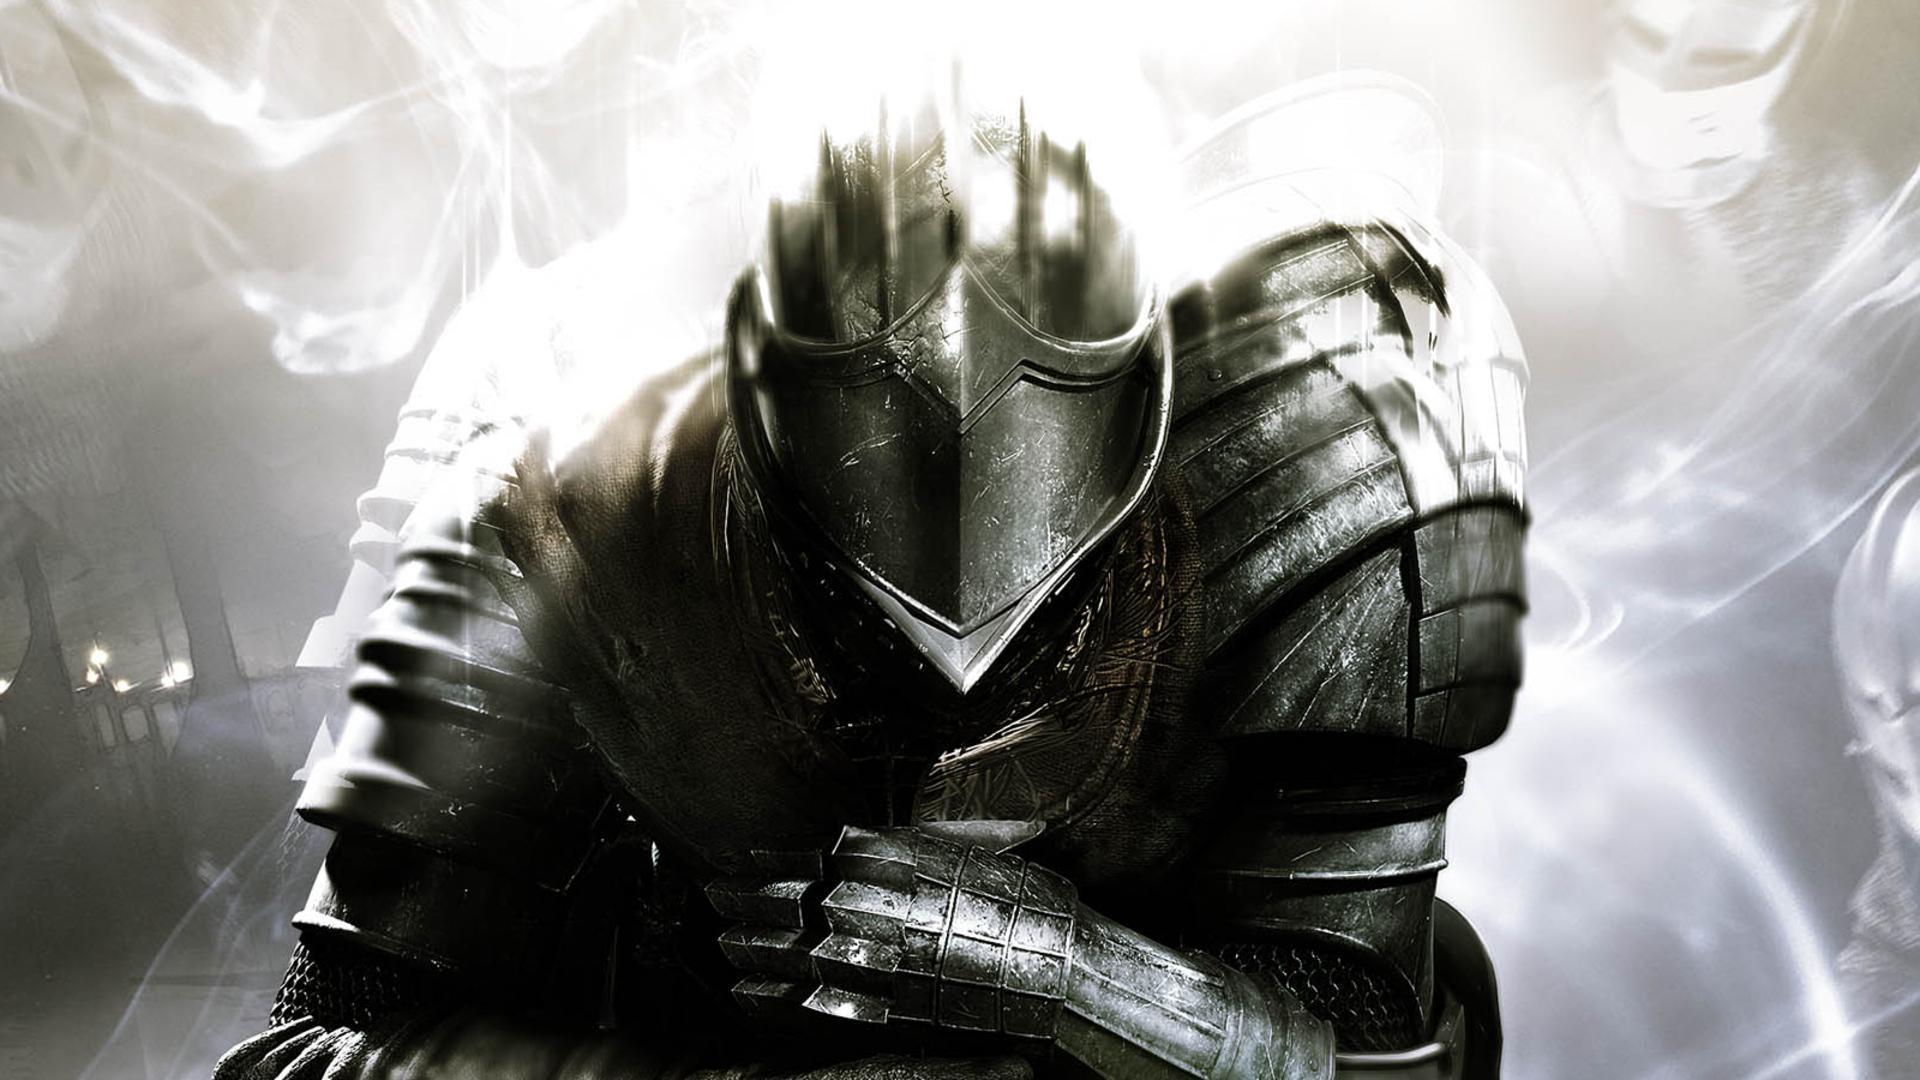 Dark Souls Animated Wallpaper Dunkle Seelen Elite Knight Hd Desktop Hintergrund